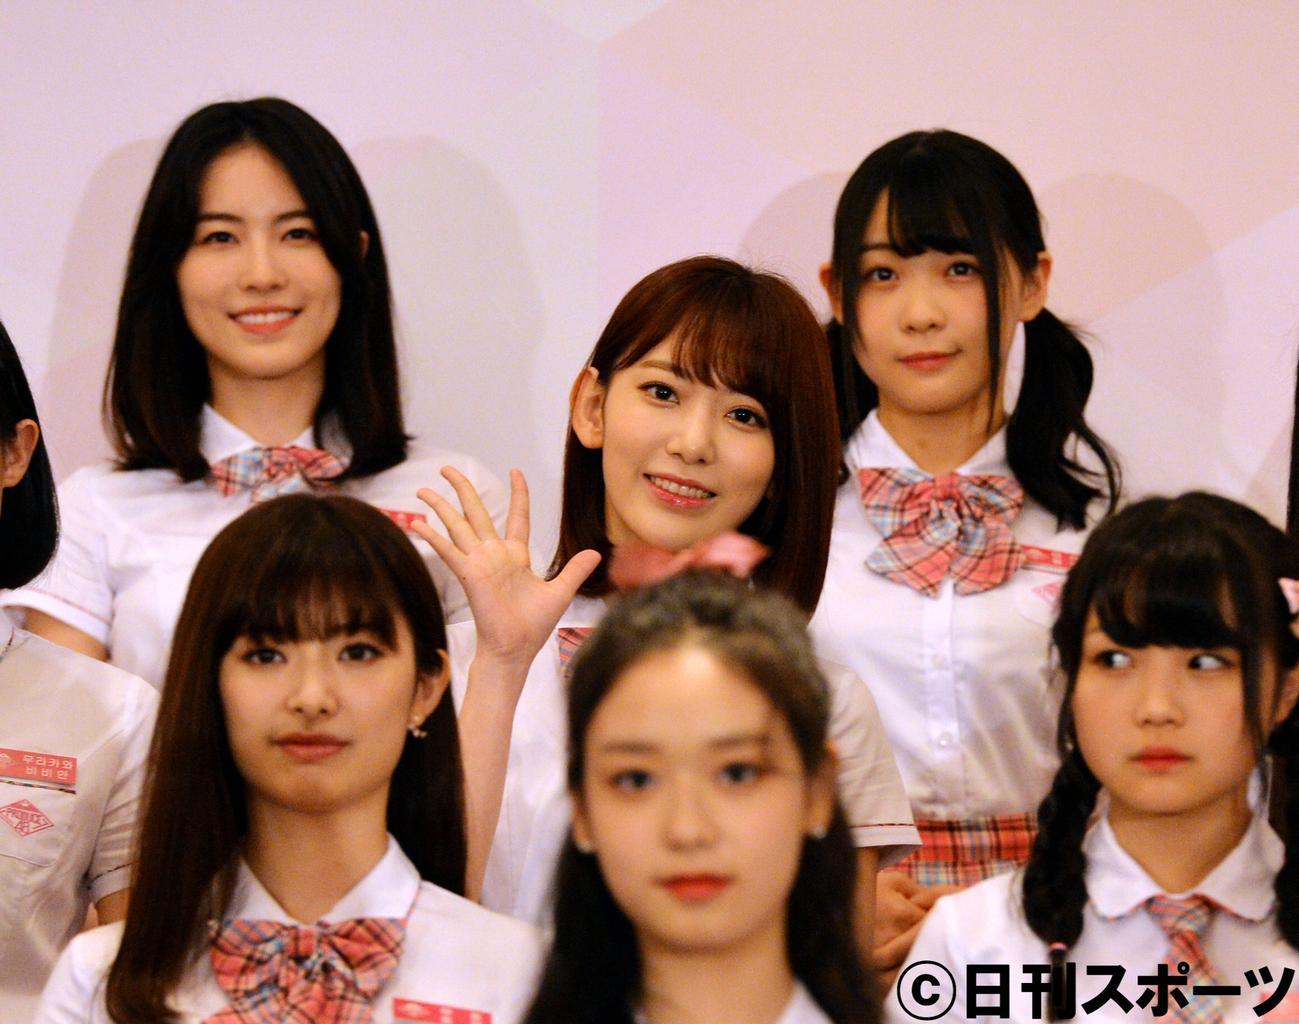 刺激が成長の糧、AKBと韓国エンタメの「違い」 - AKB48 : 日刊スポーツ